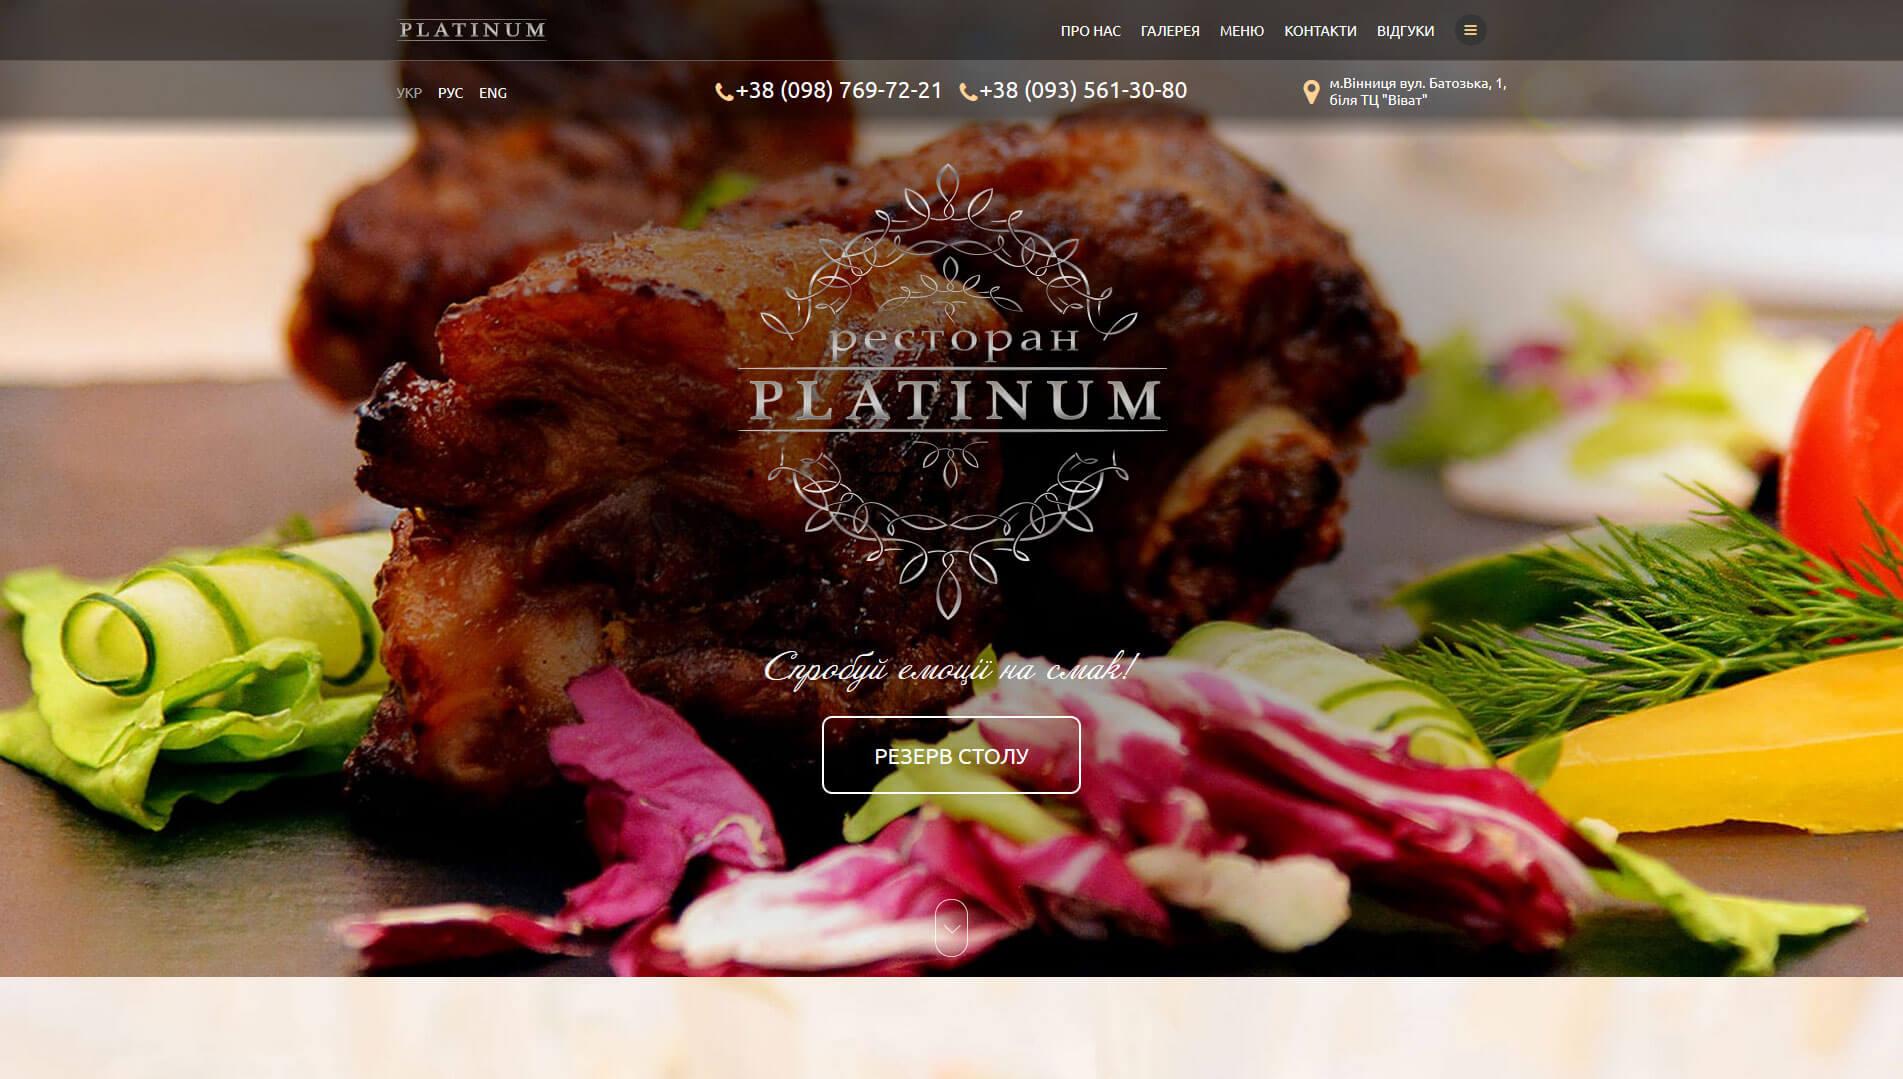 Создание сайта для ресторана Platinum